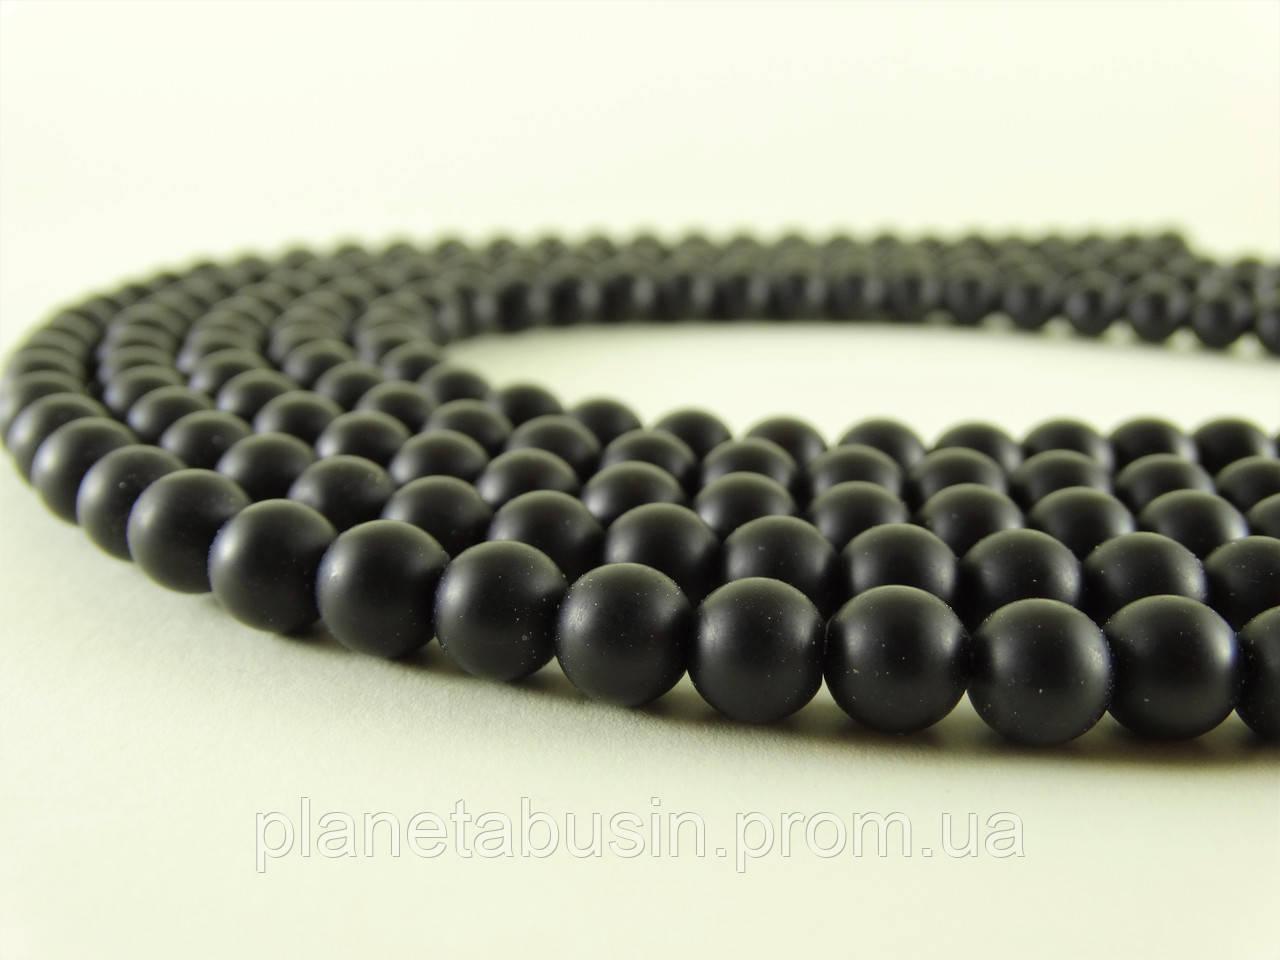 8 мм Чёрный Матовый Оникс, CN151, Натуральный камень, Форма: Шар, Отверстие: 1 мм, кол-во: 47-48 шт/нить